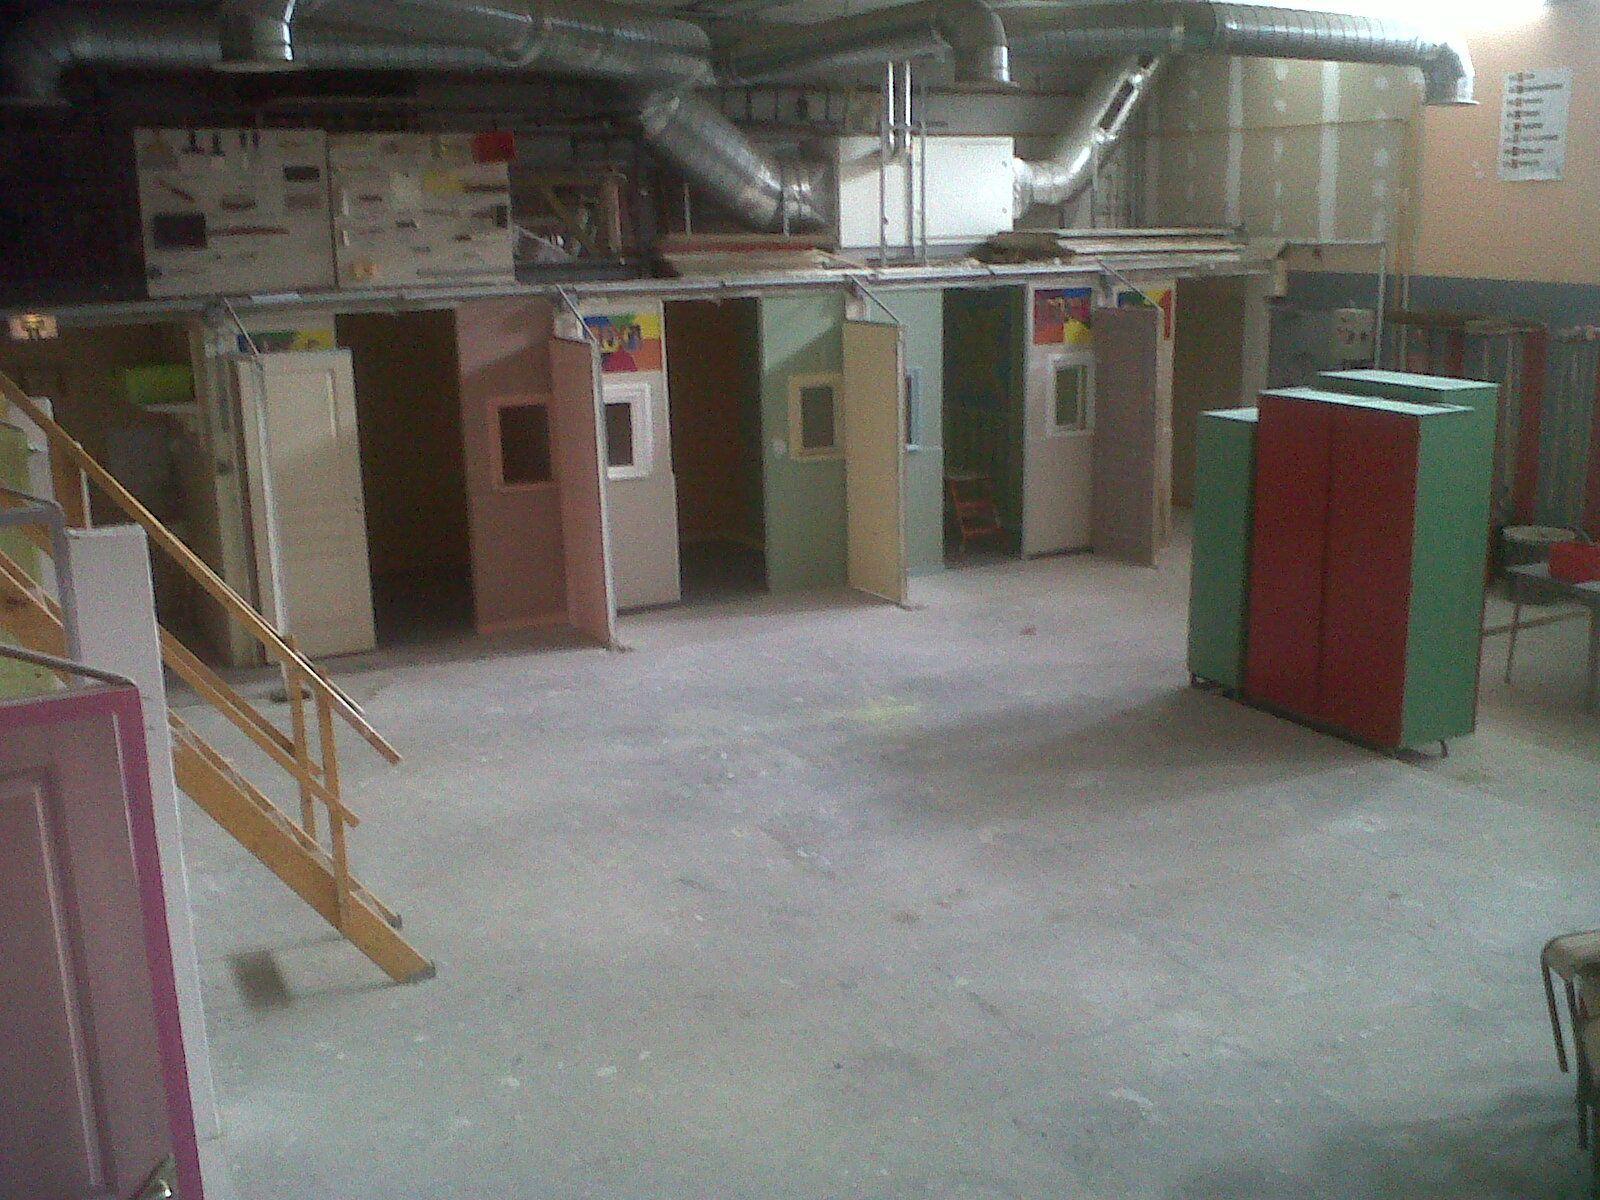 Atelier avec les cabines de chaque élève.